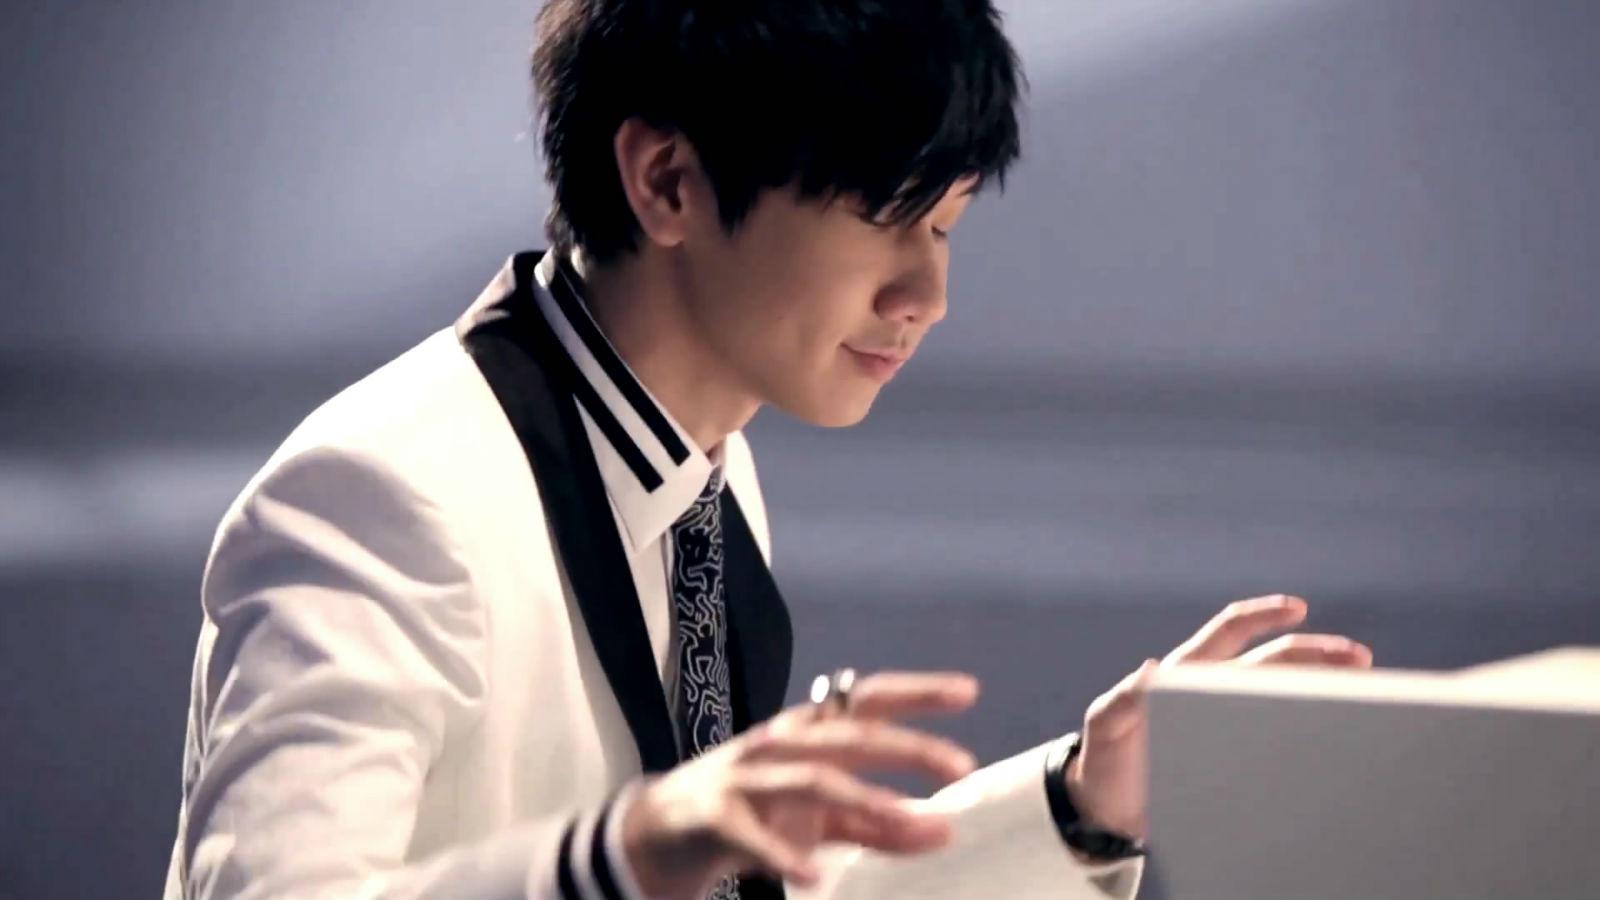 林俊杰中央台跳舞唱的歌曲图片